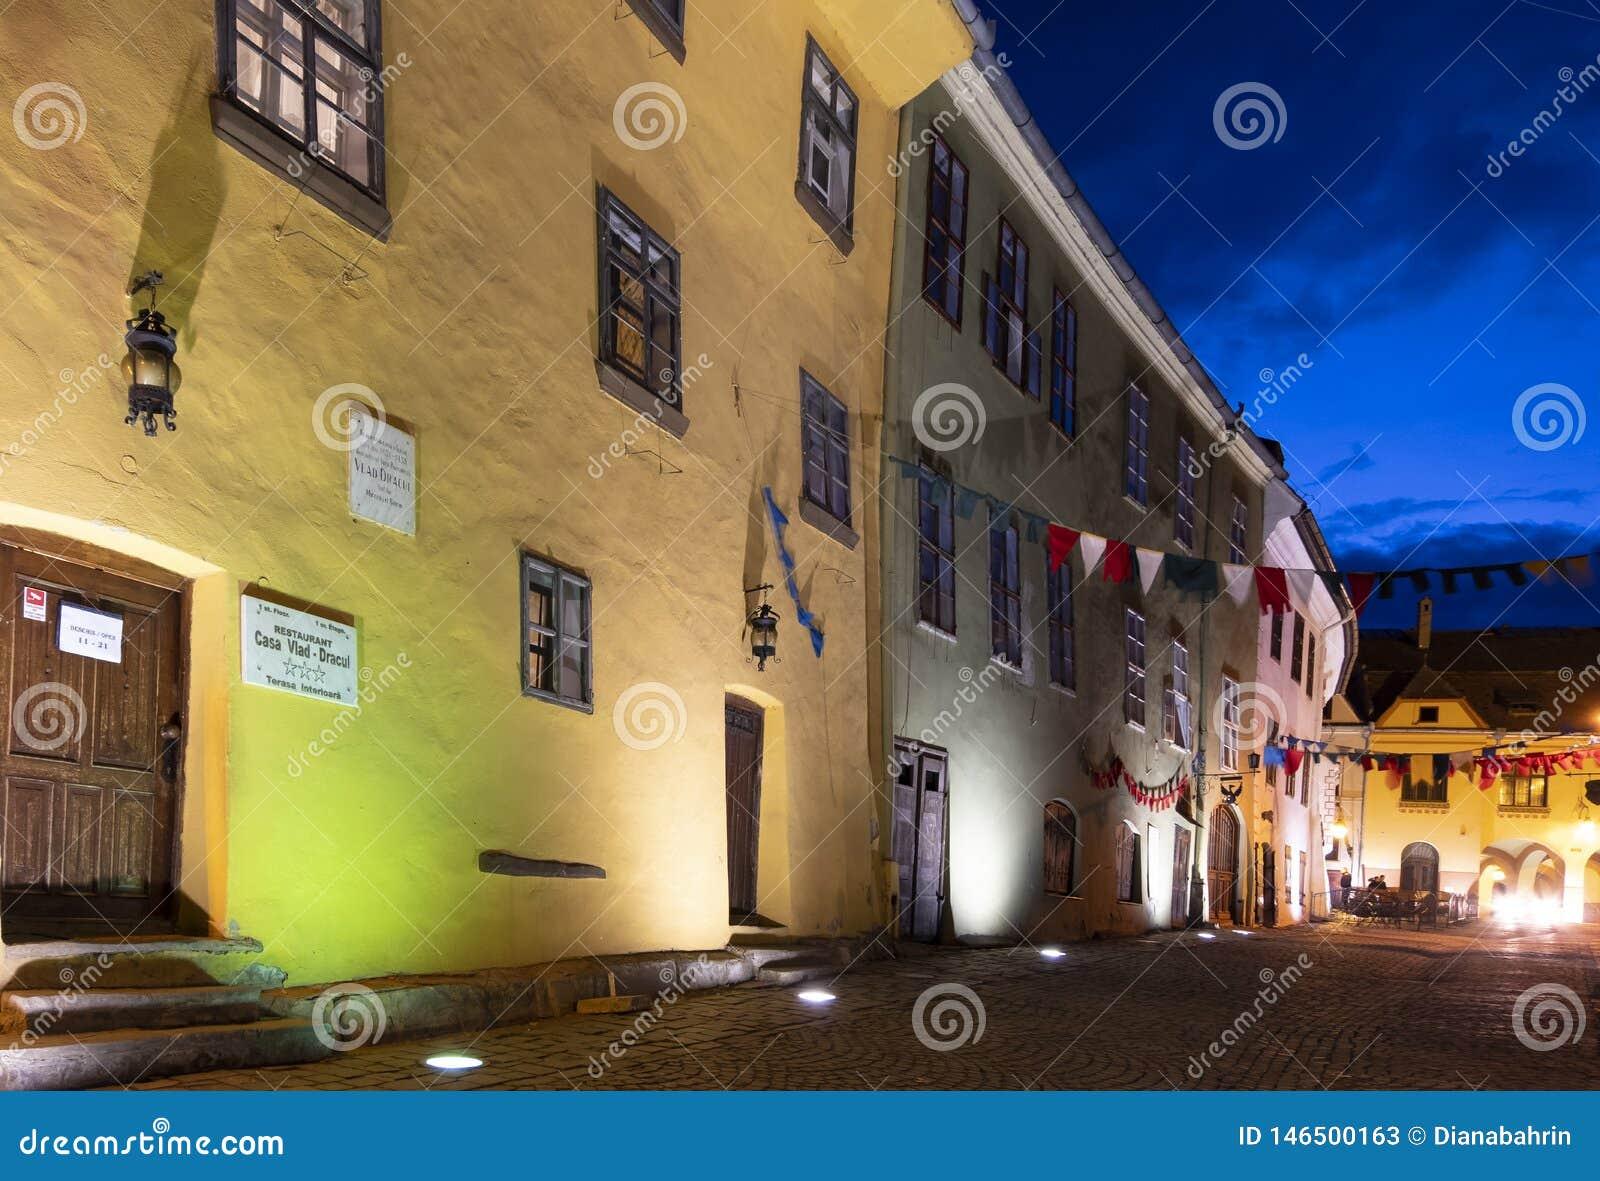 Vista exterior na noite da casa onde Vlad Tepes foi carregado alegada no s?culo XIV, em Sighisoara, a Transilv?nia